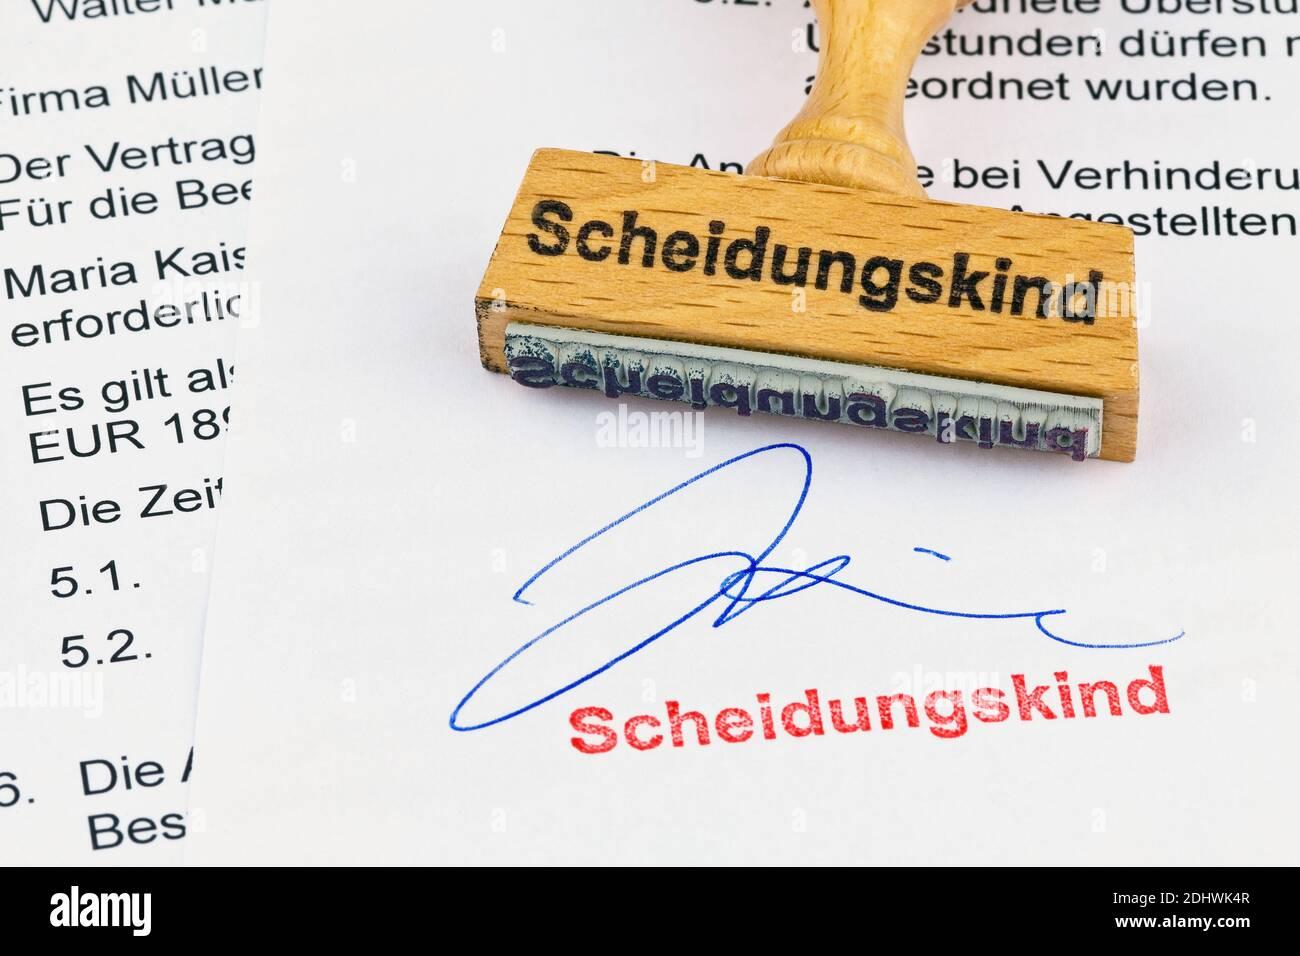 Ein Stempel aus Holz liegt auf einem Dokument. Aufschrift Scheidungskind Stock Photo